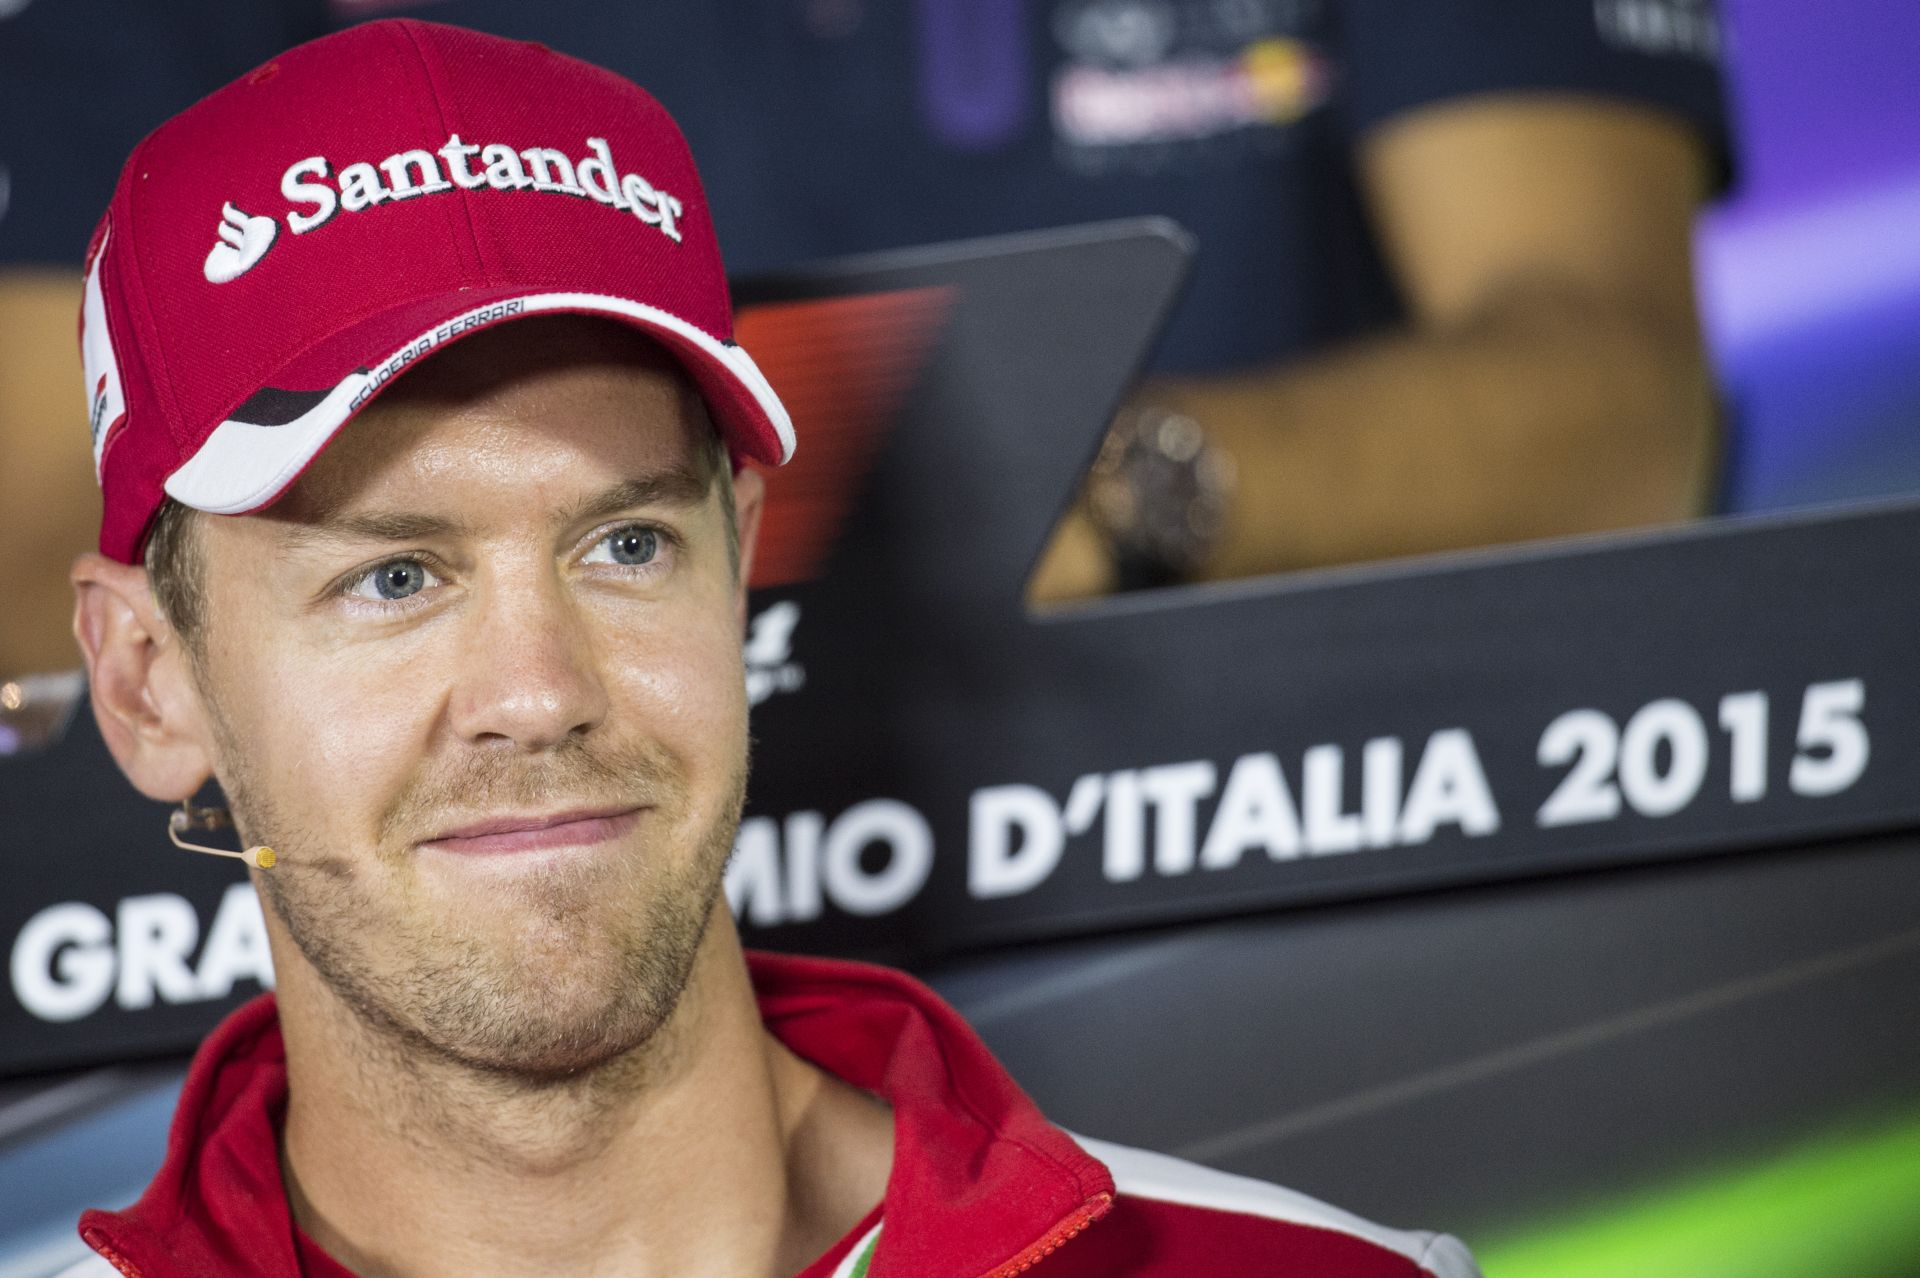 Vettel és a Ferrari behódolt Ecclestone Forma-1-es Birodalmának...